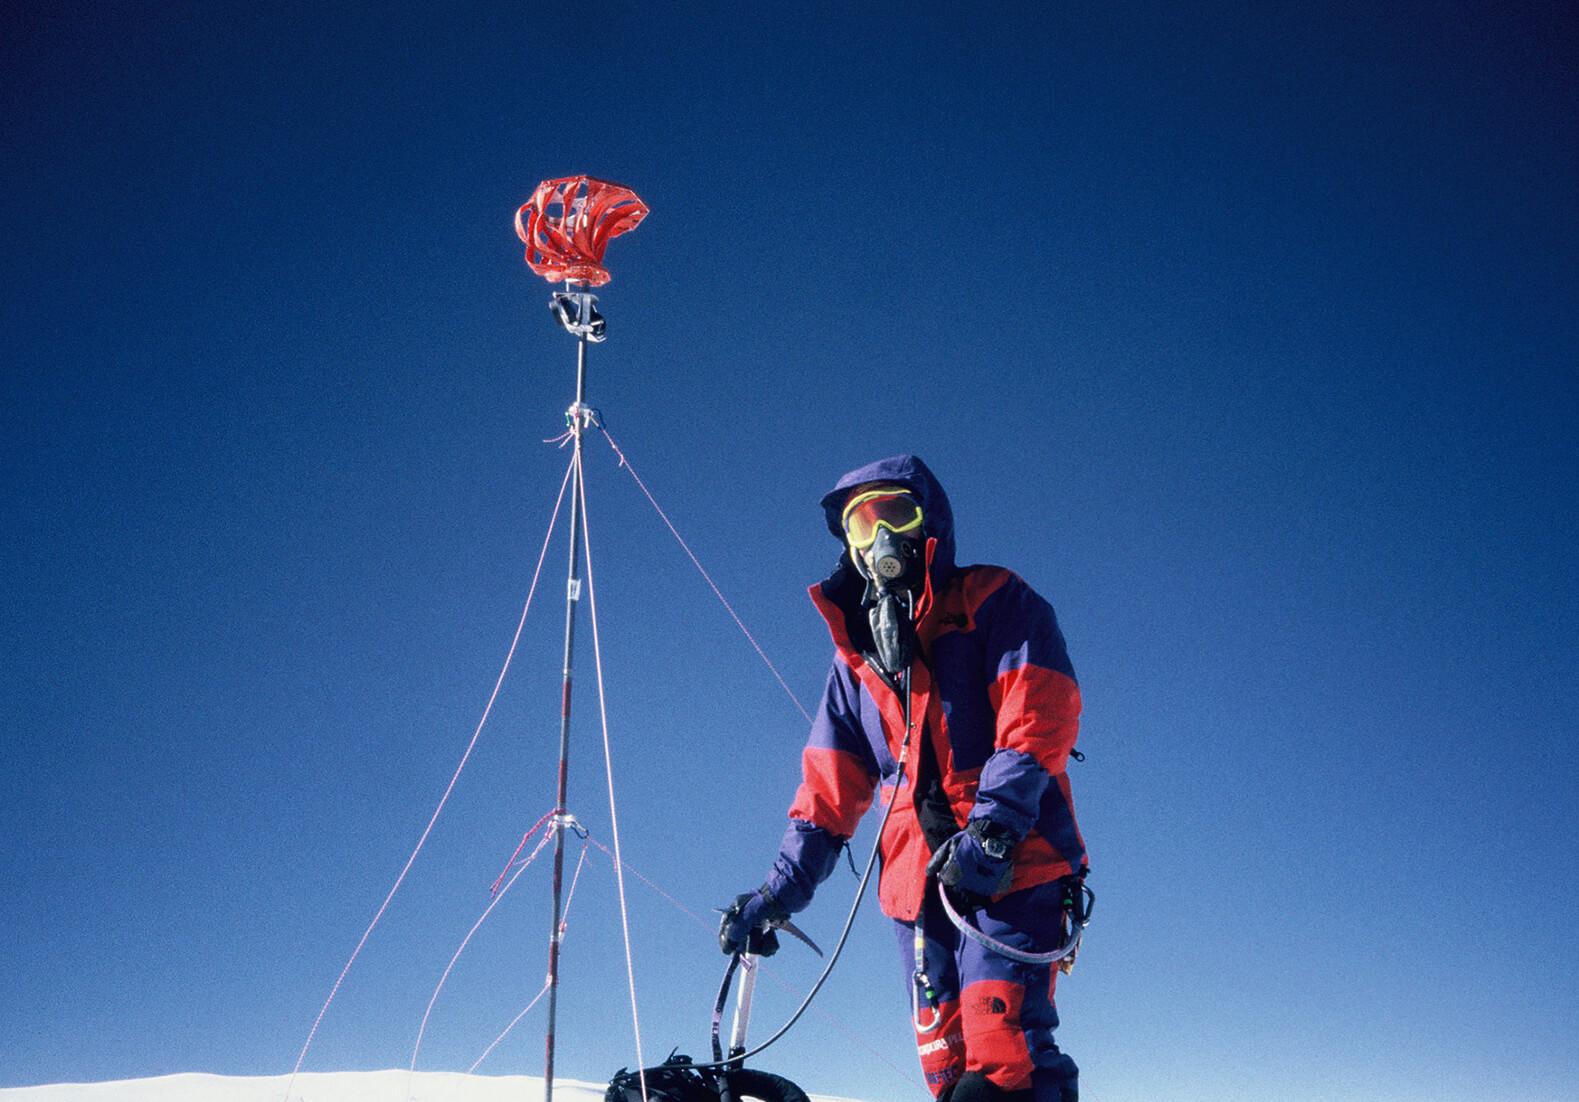 K2(ケーツー)登頂成功